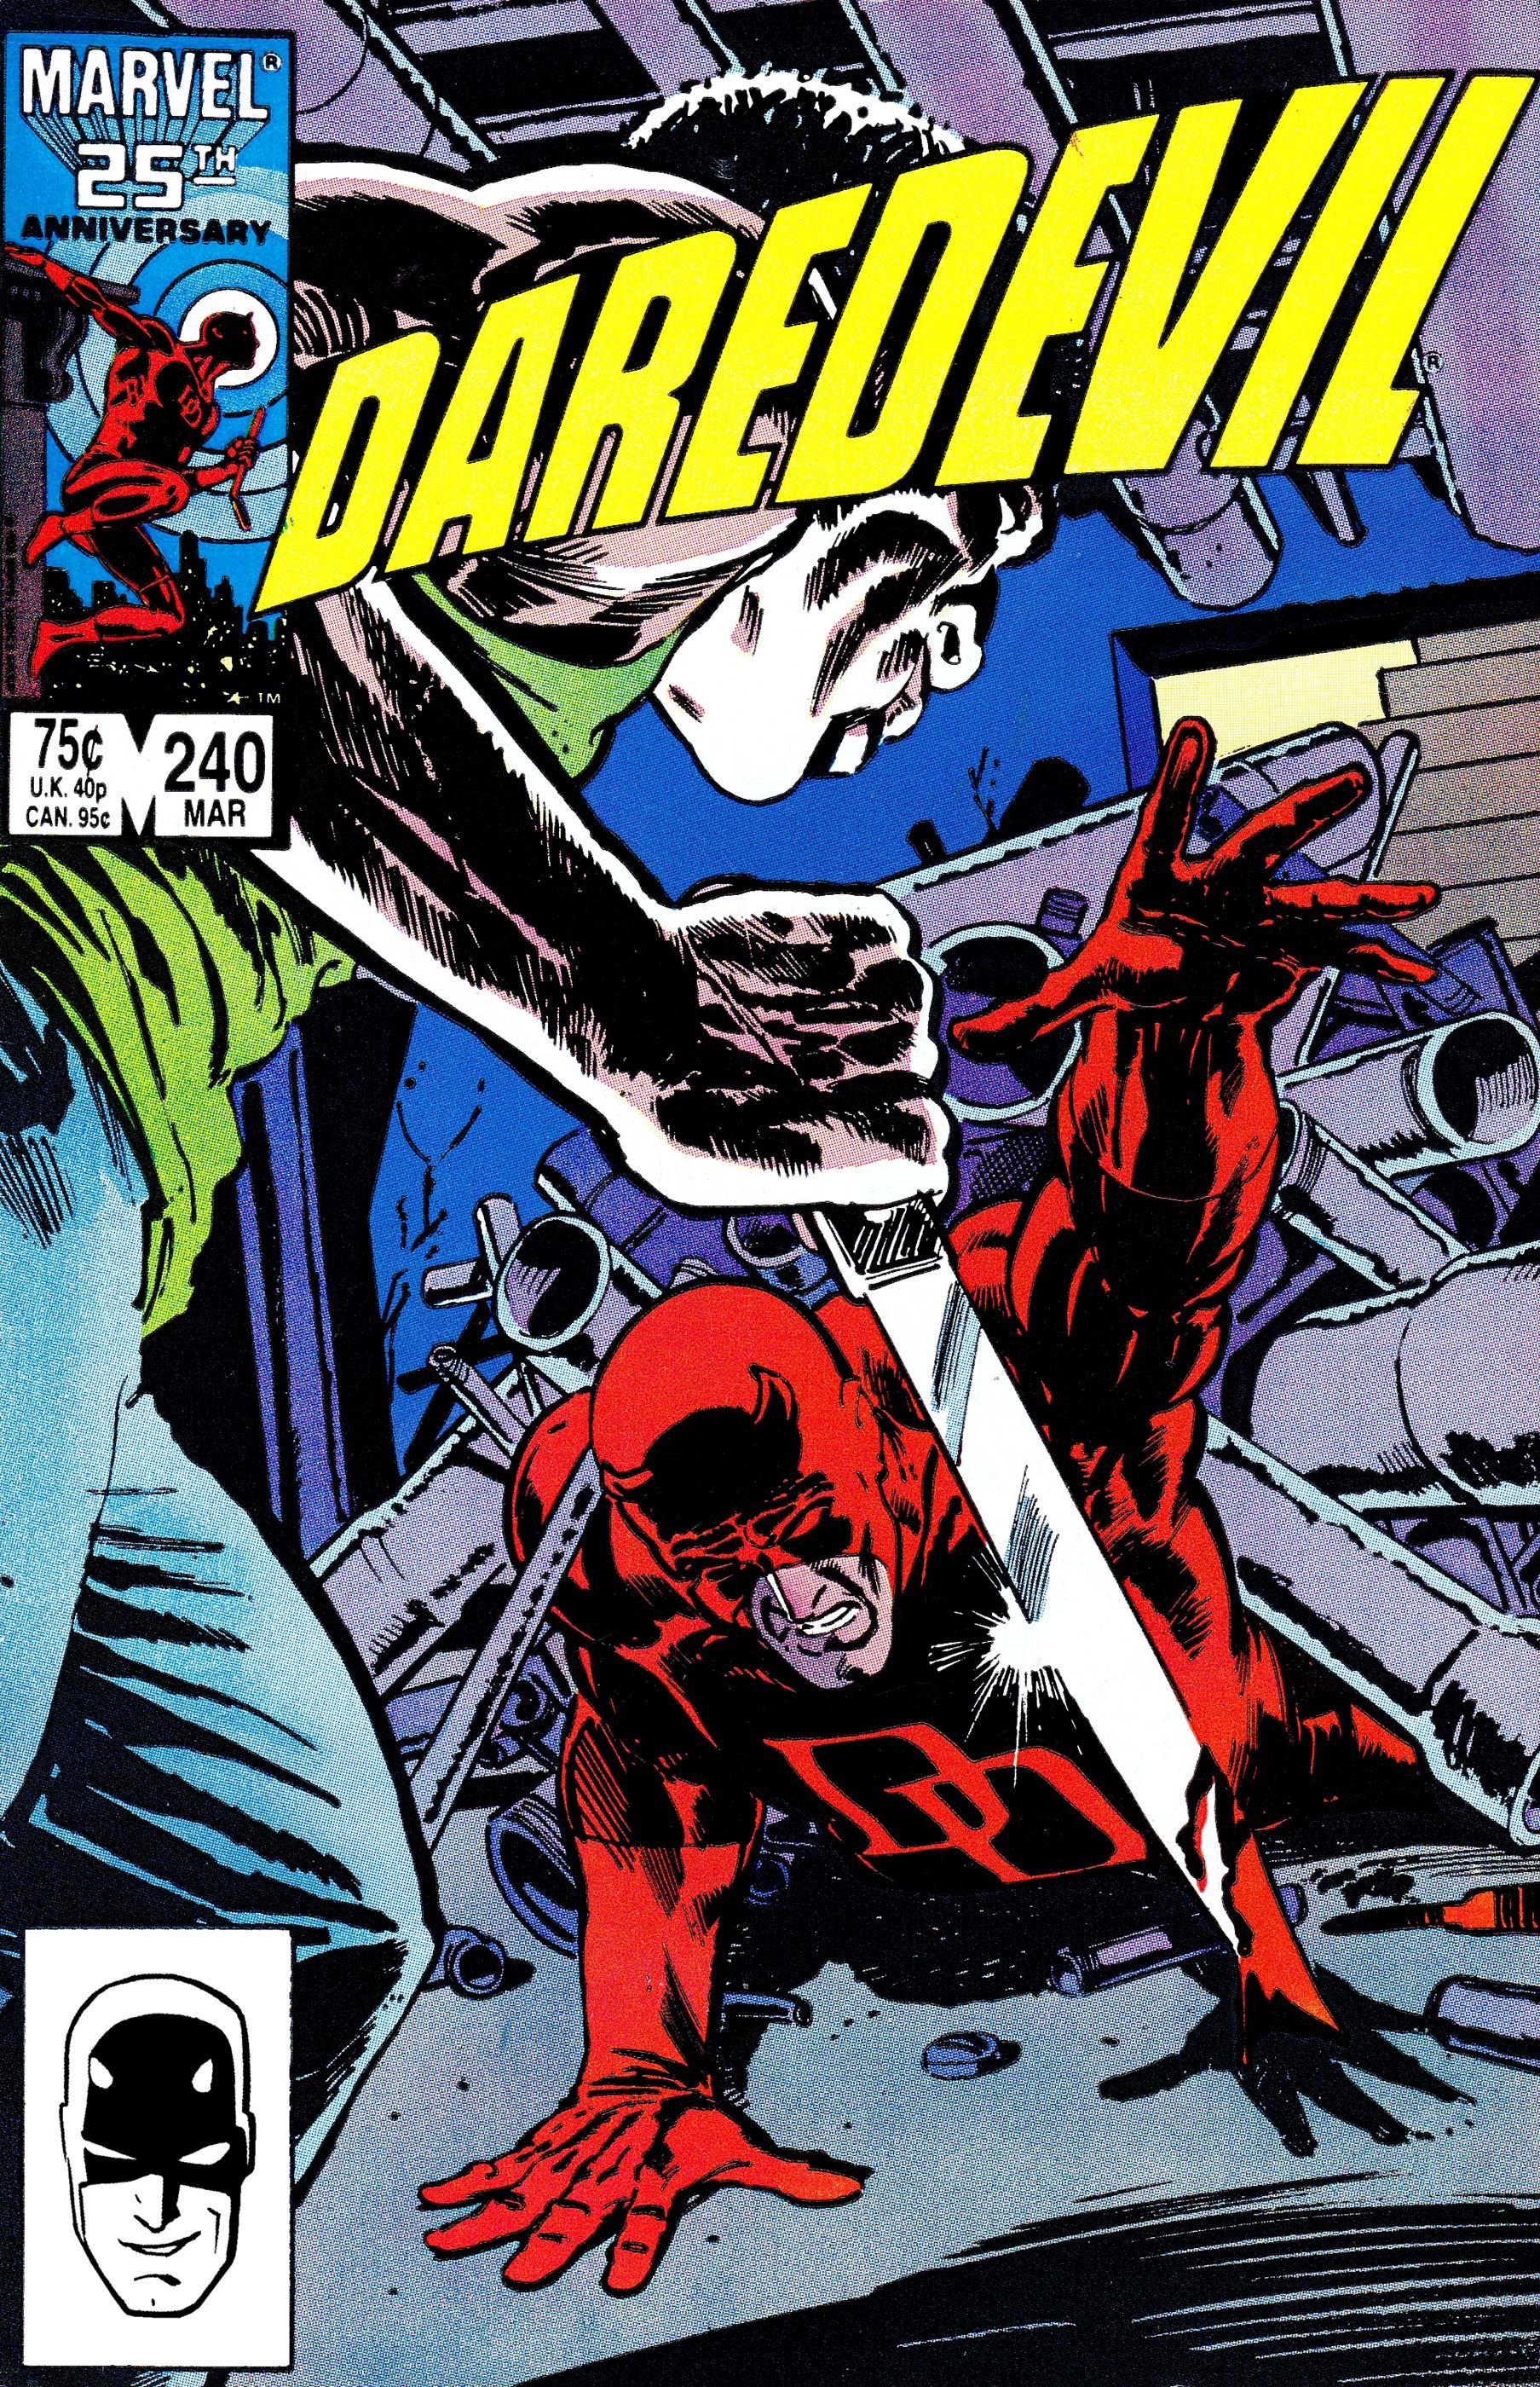 Daredevil (1964) #240